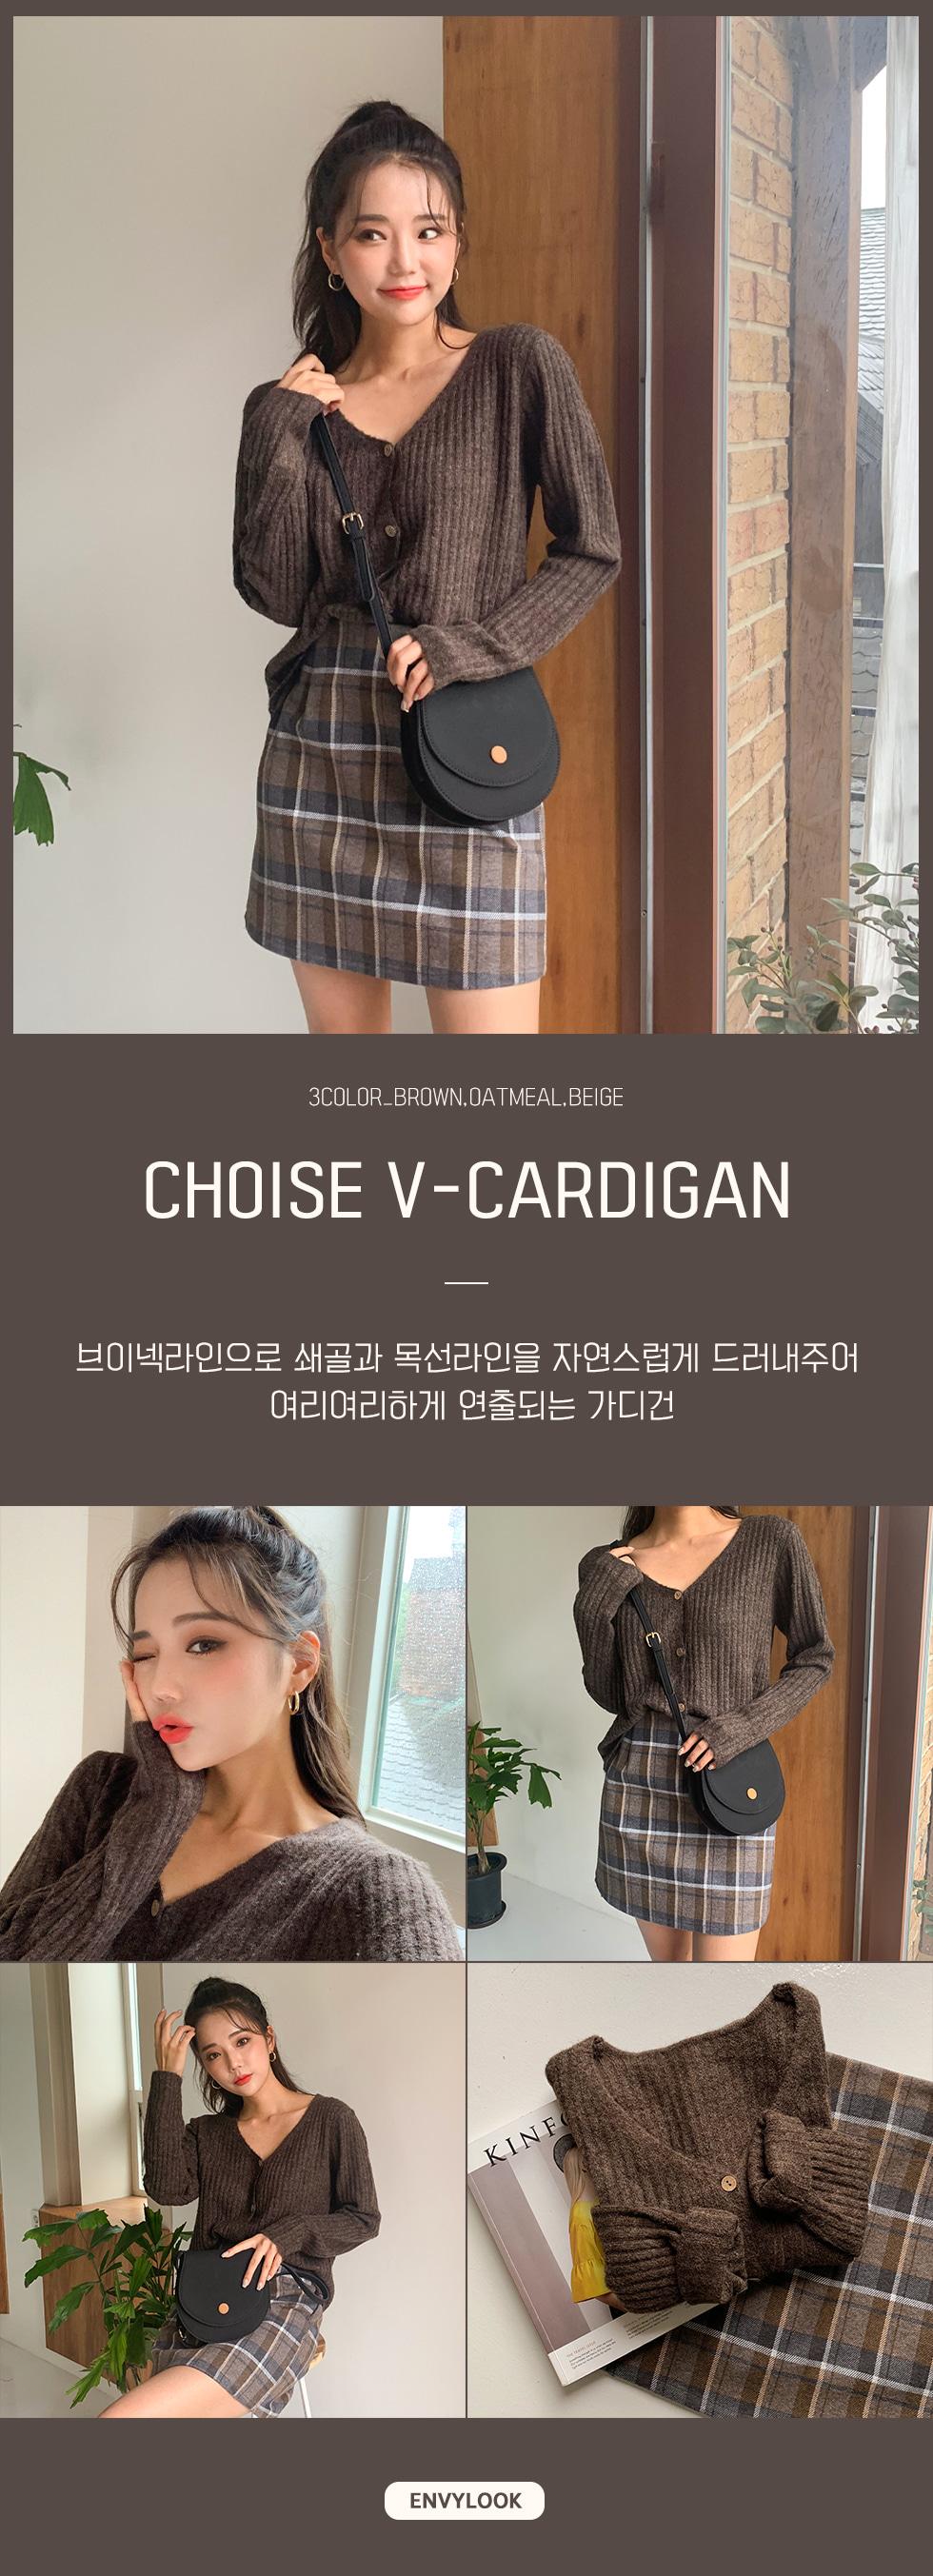 Choice V Cardigan